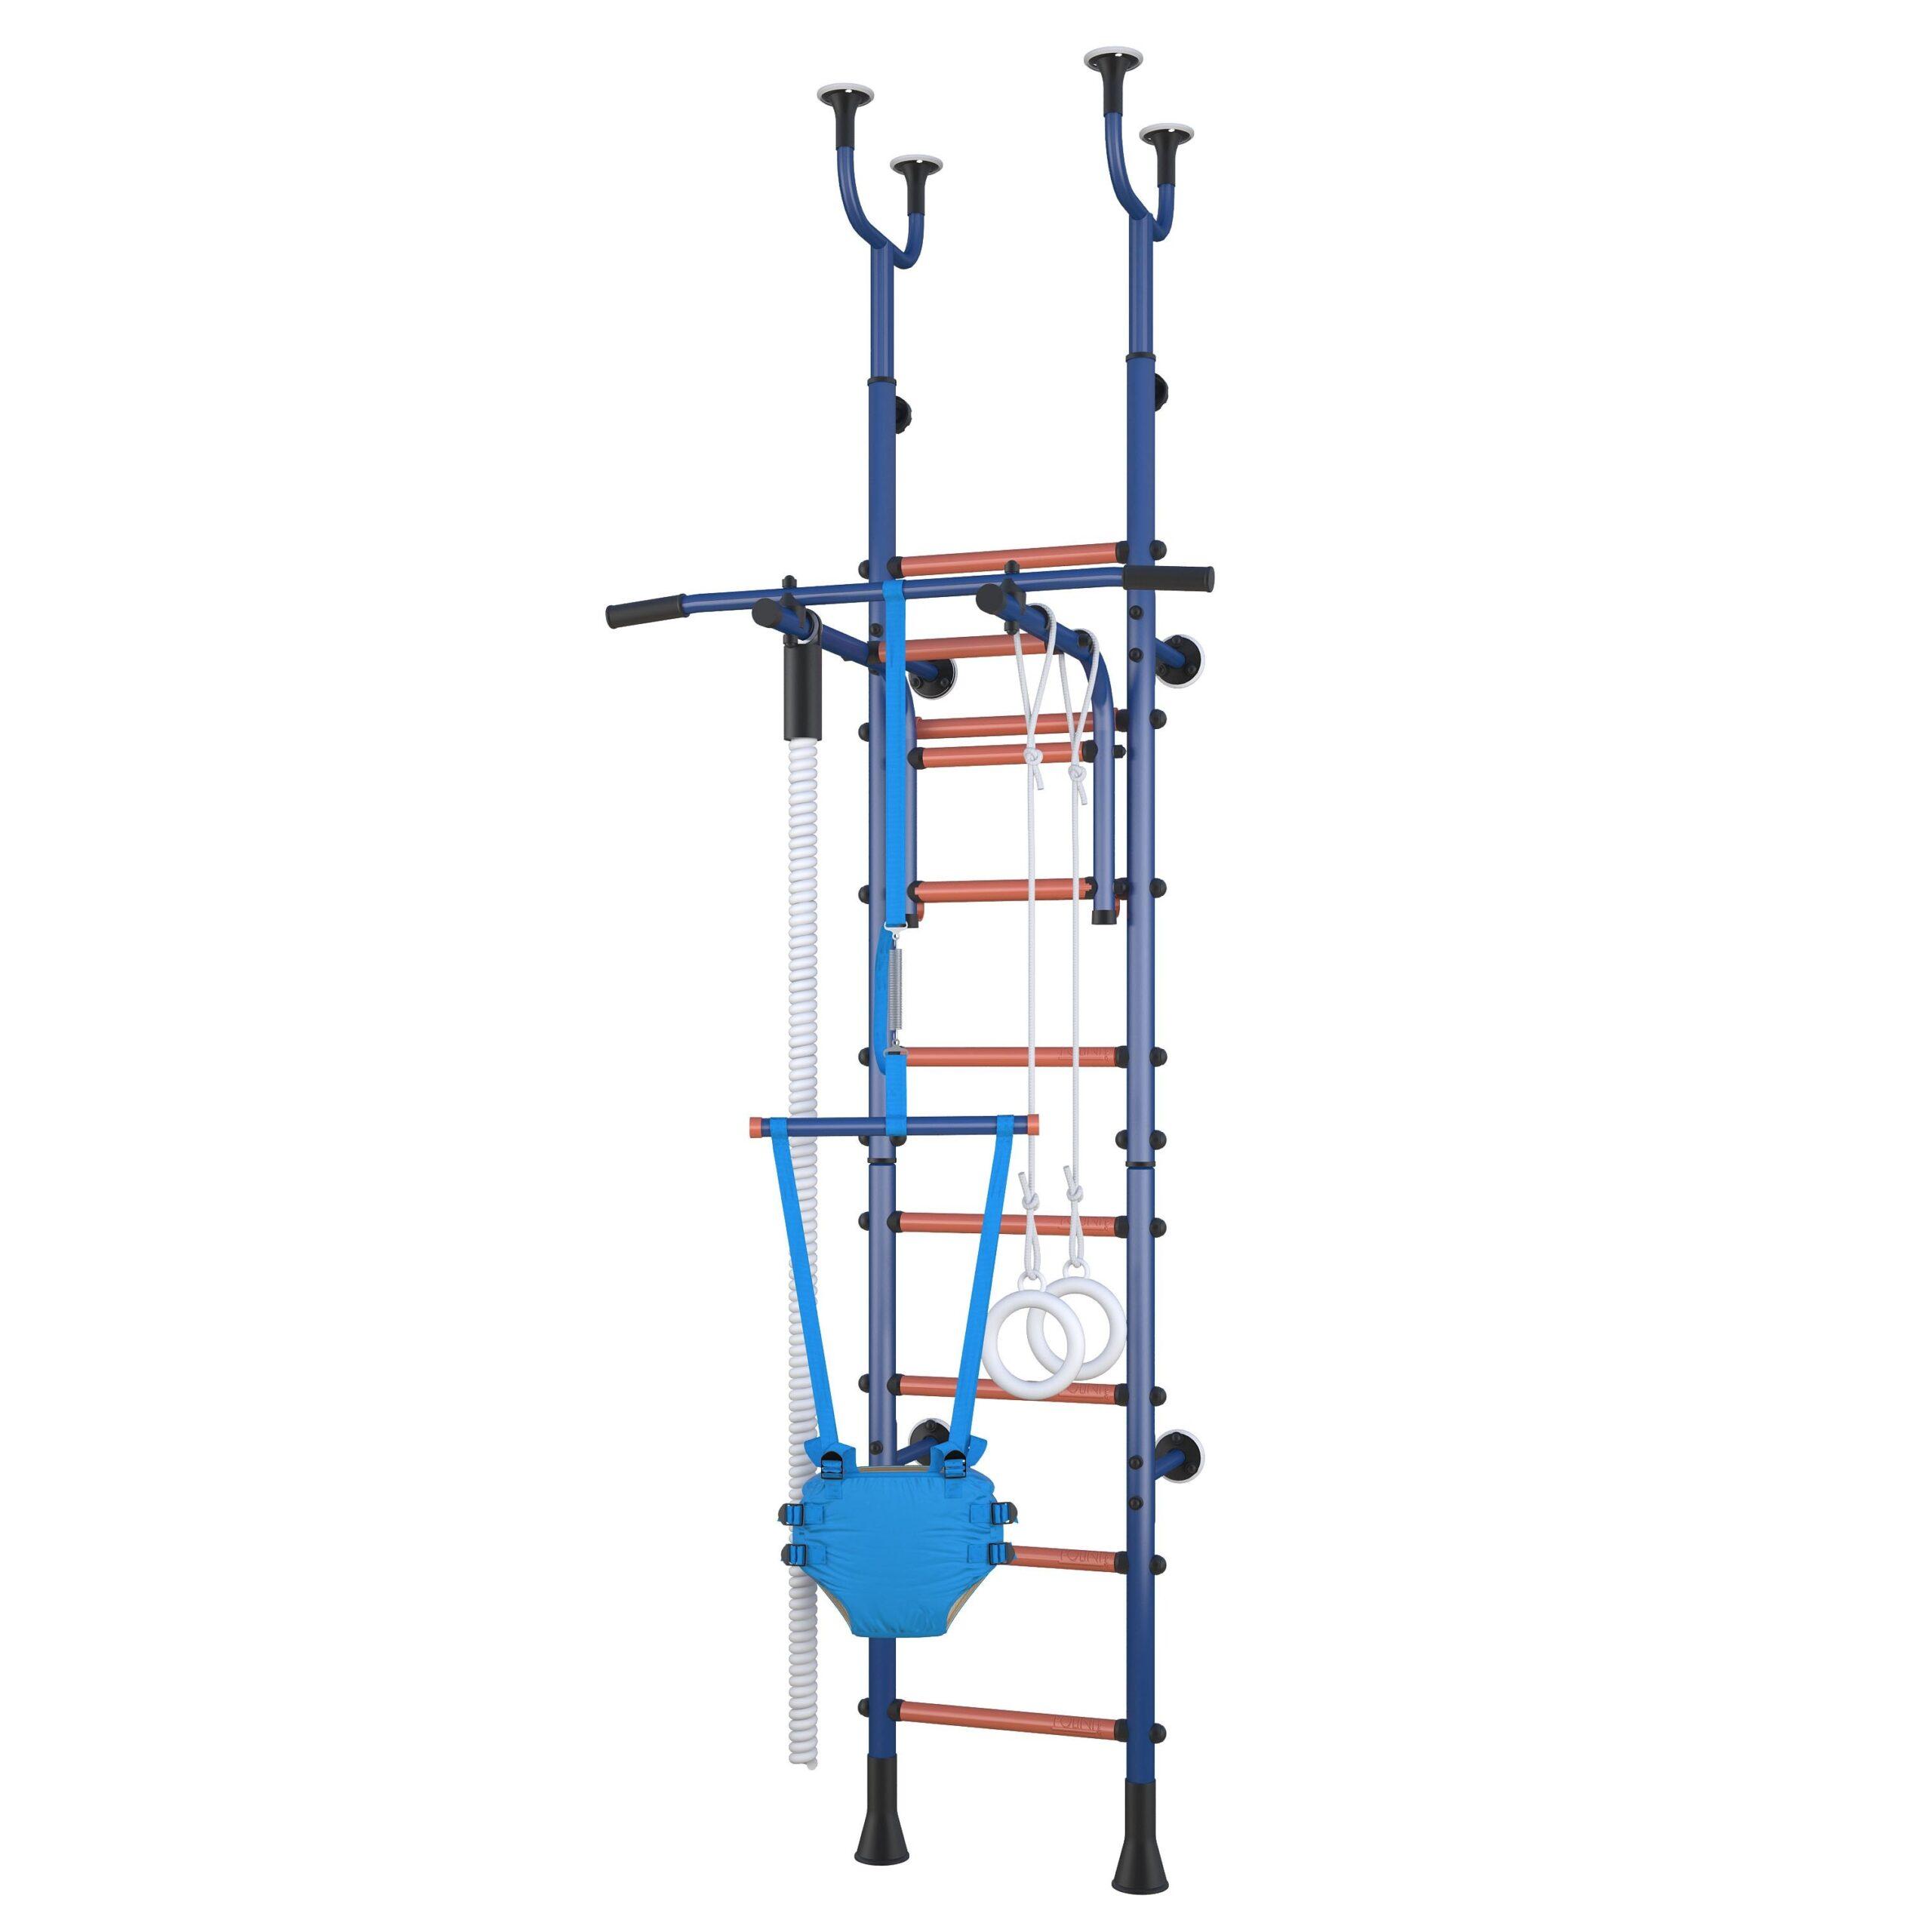 Full Size of Kidwood Klettergerüst Klettergerst Kinderzimmer Rakete Basis Set Garten Wohnzimmer Kidwood Klettergerüst